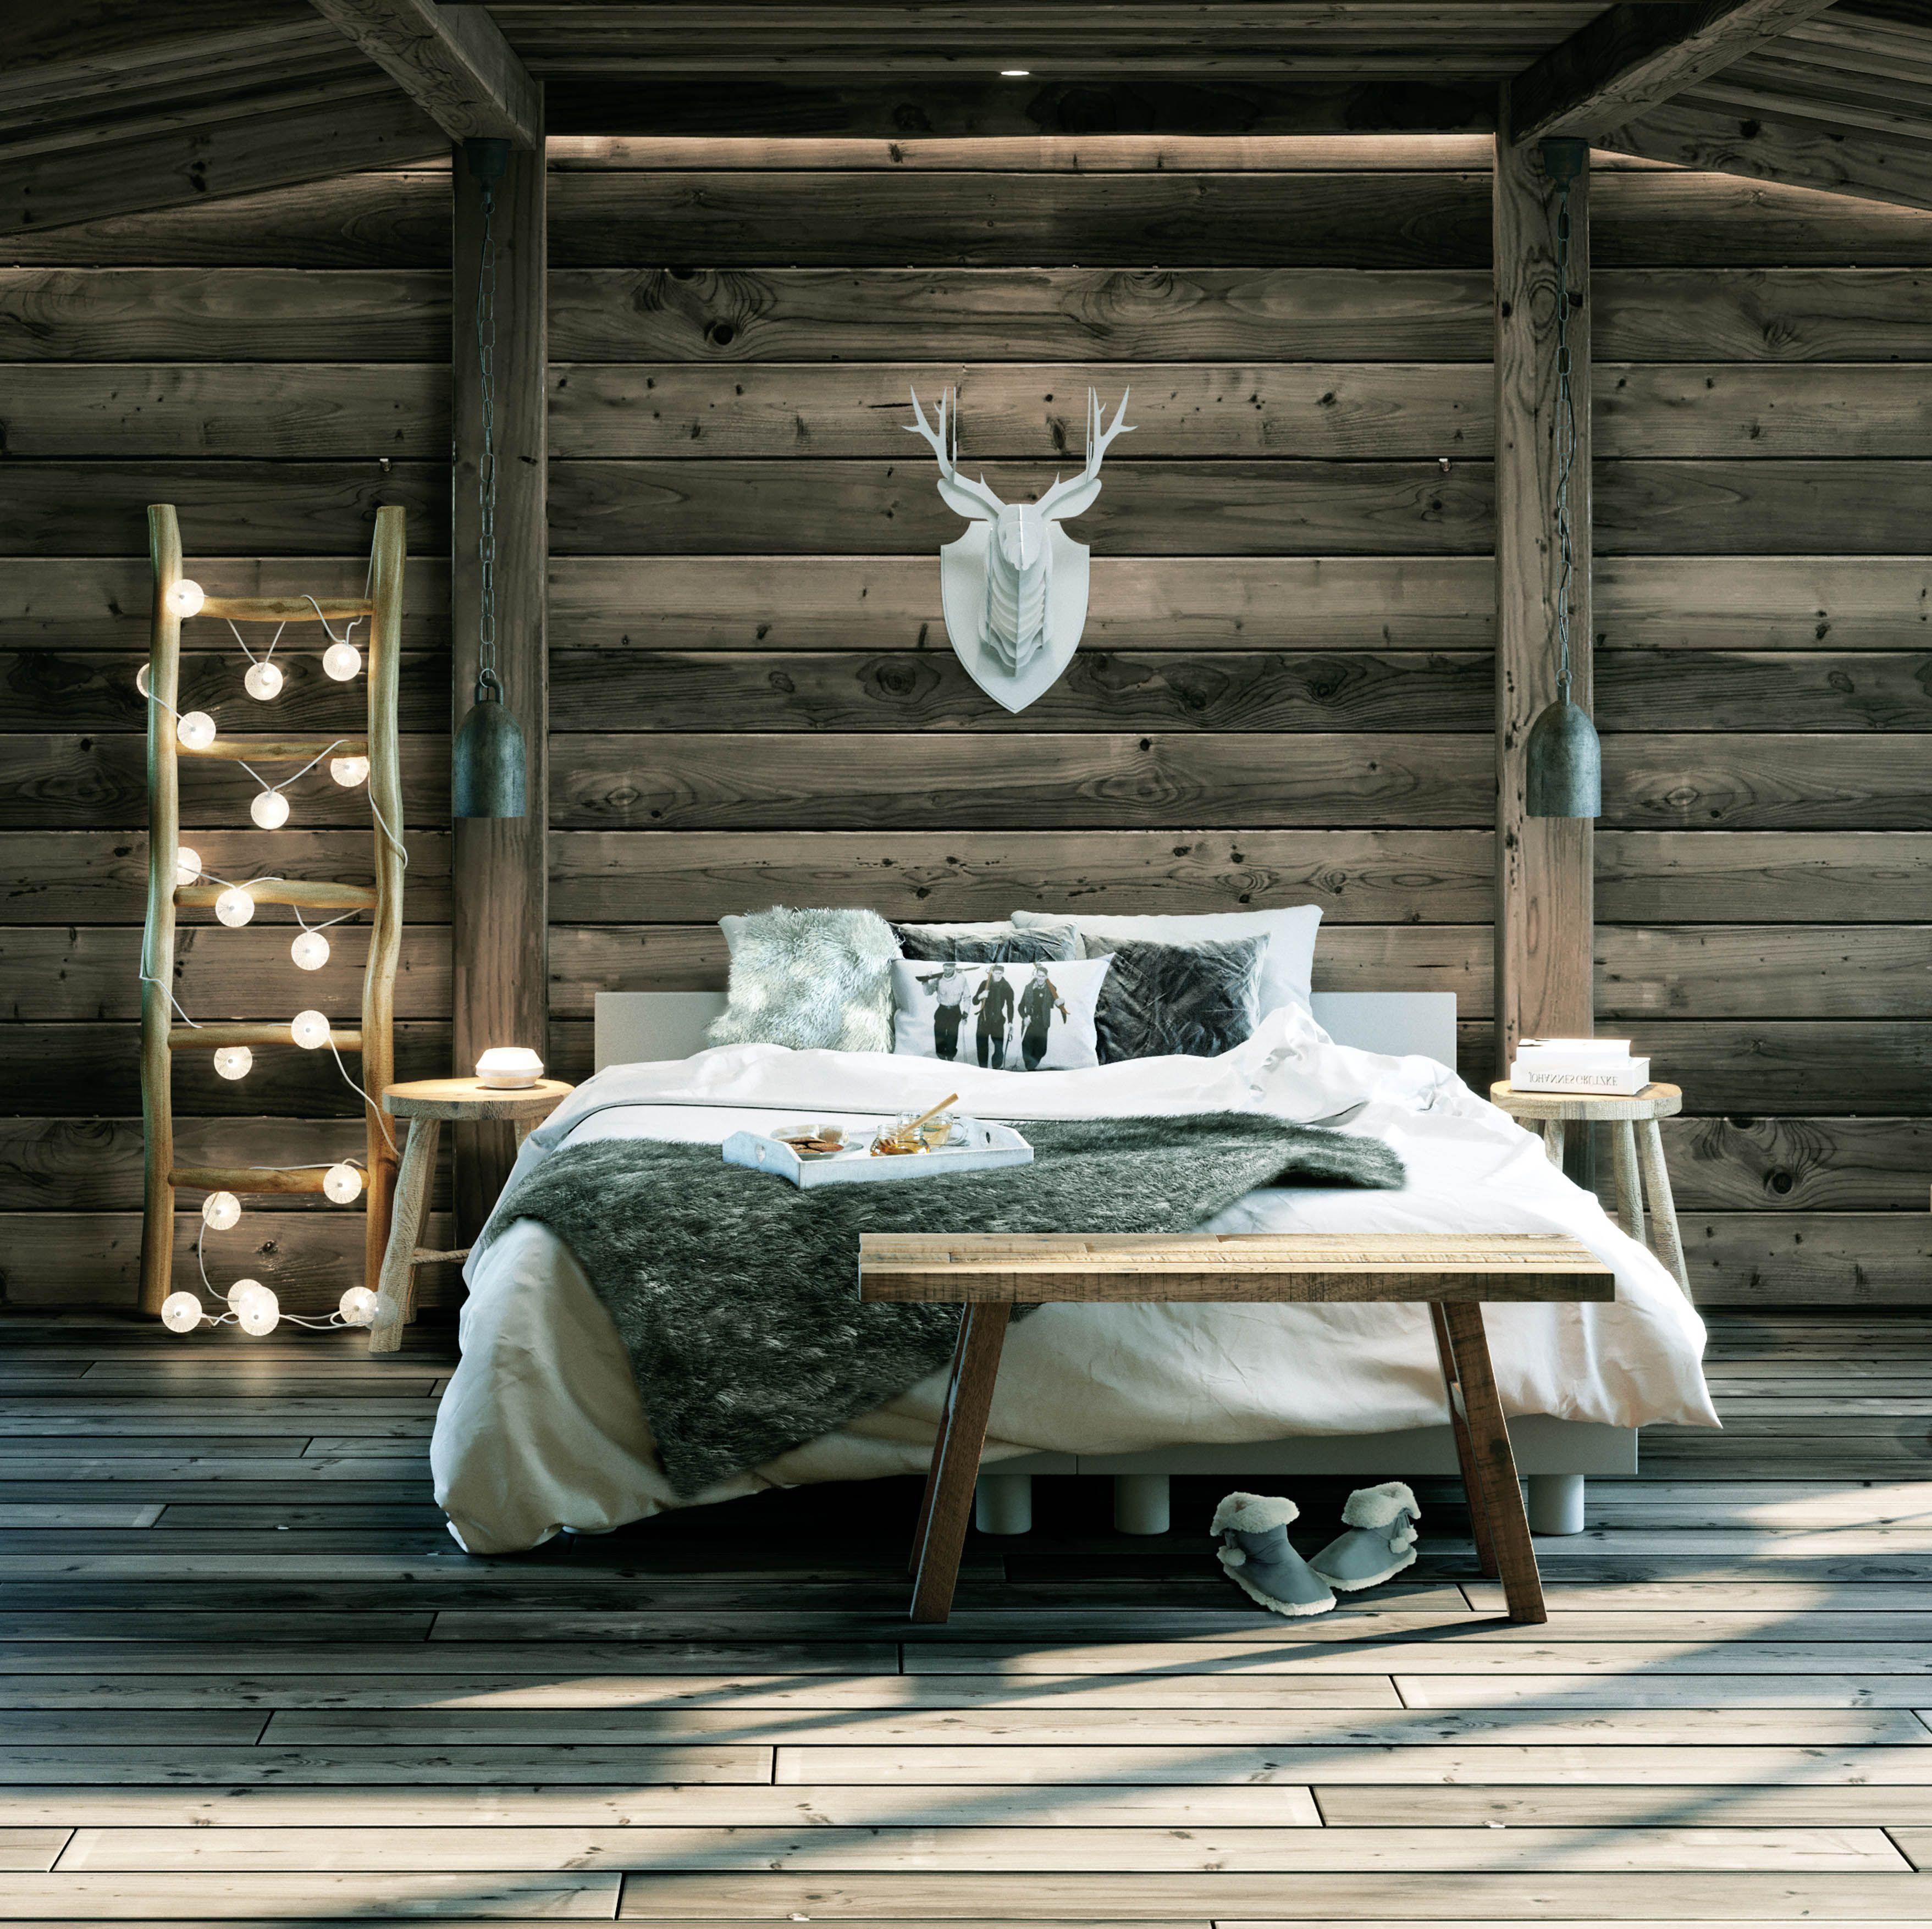 Une Jetee De Lit En Fourrure Pour Une Deco Cocooning Deco Cocooning Chambre A Coucher Cocooning Deco Chambre